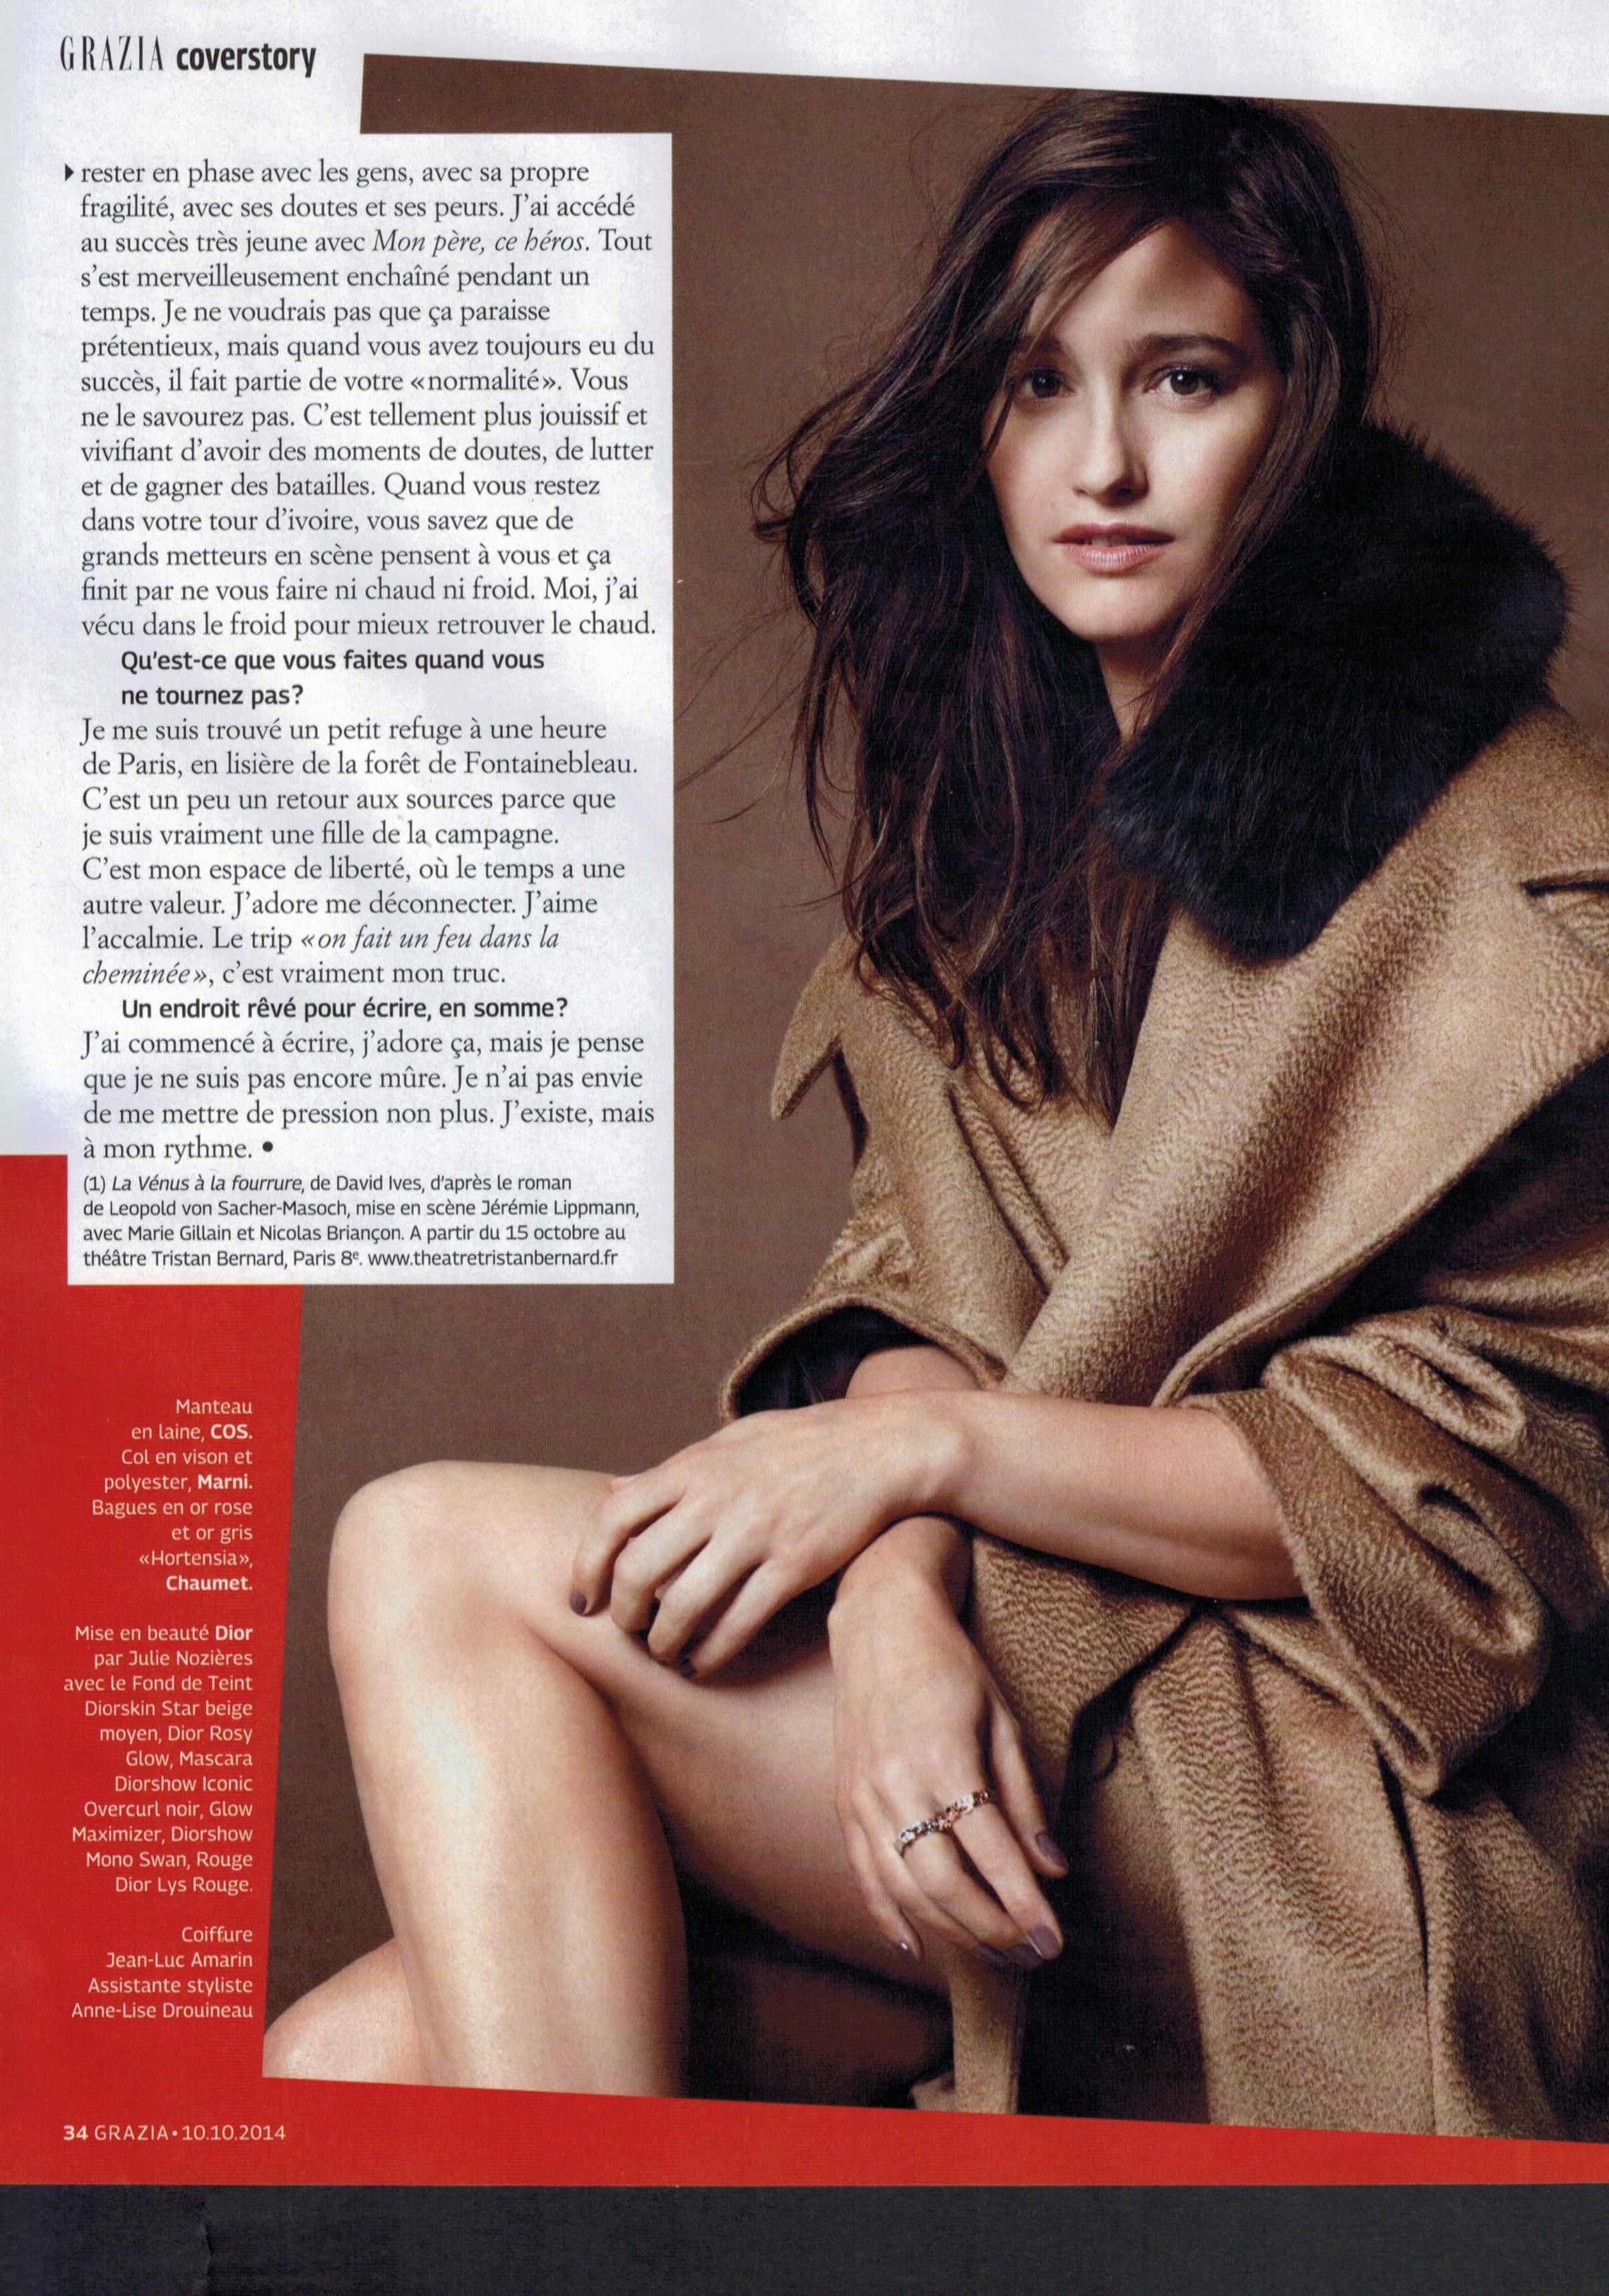 GRAZIA magazine p5 - 10.10.14